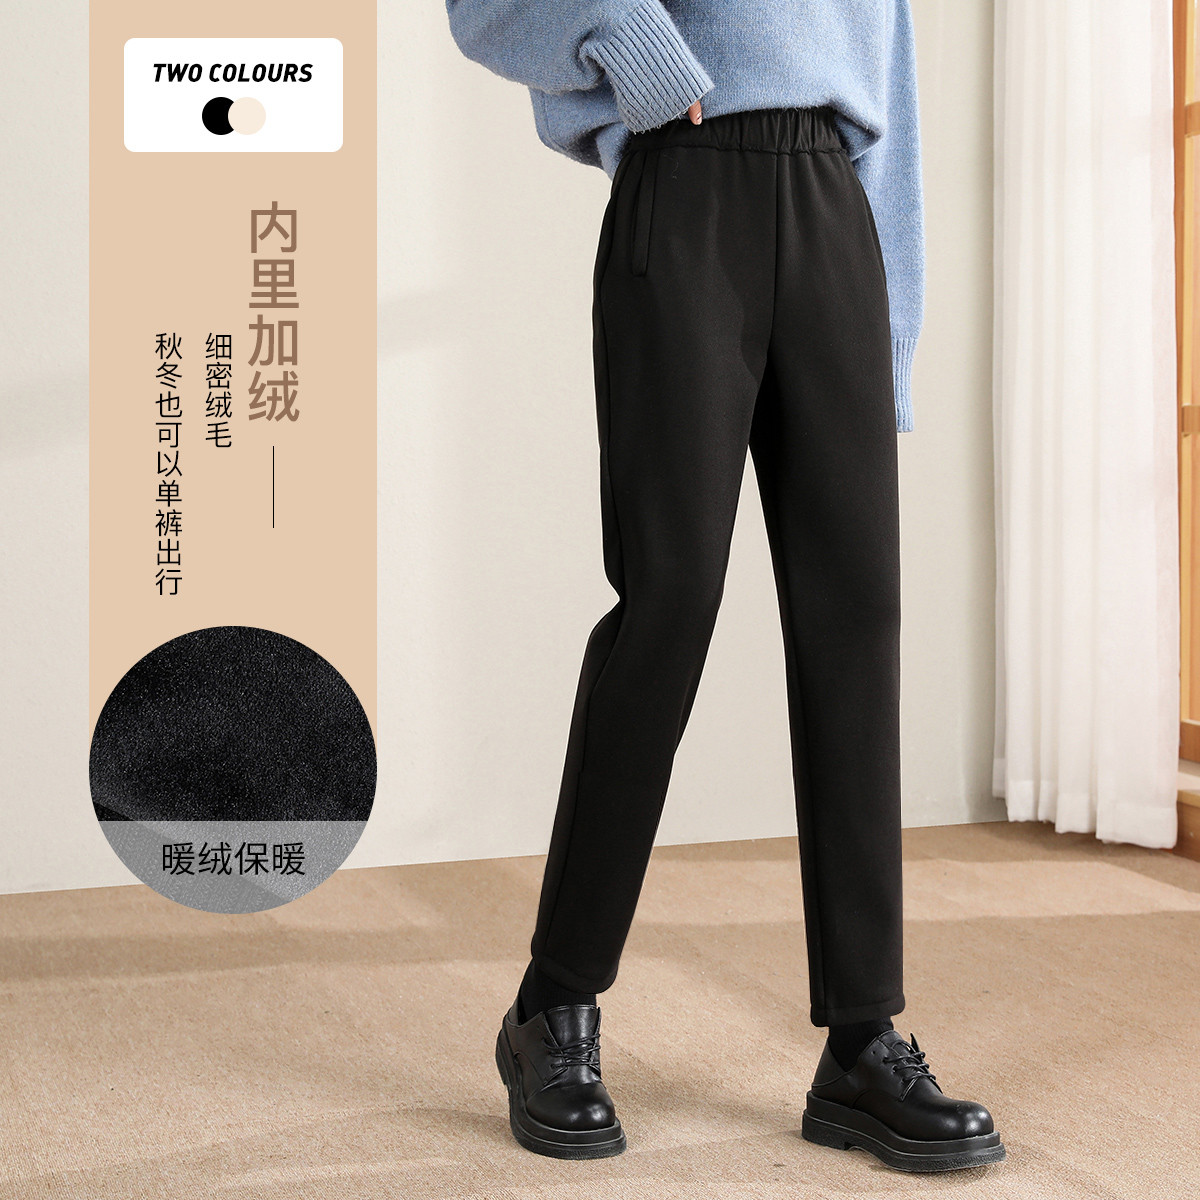 【新年好礼】拉夏贝尔旗下2020冬新款简约宽松加绒女式休闲裤